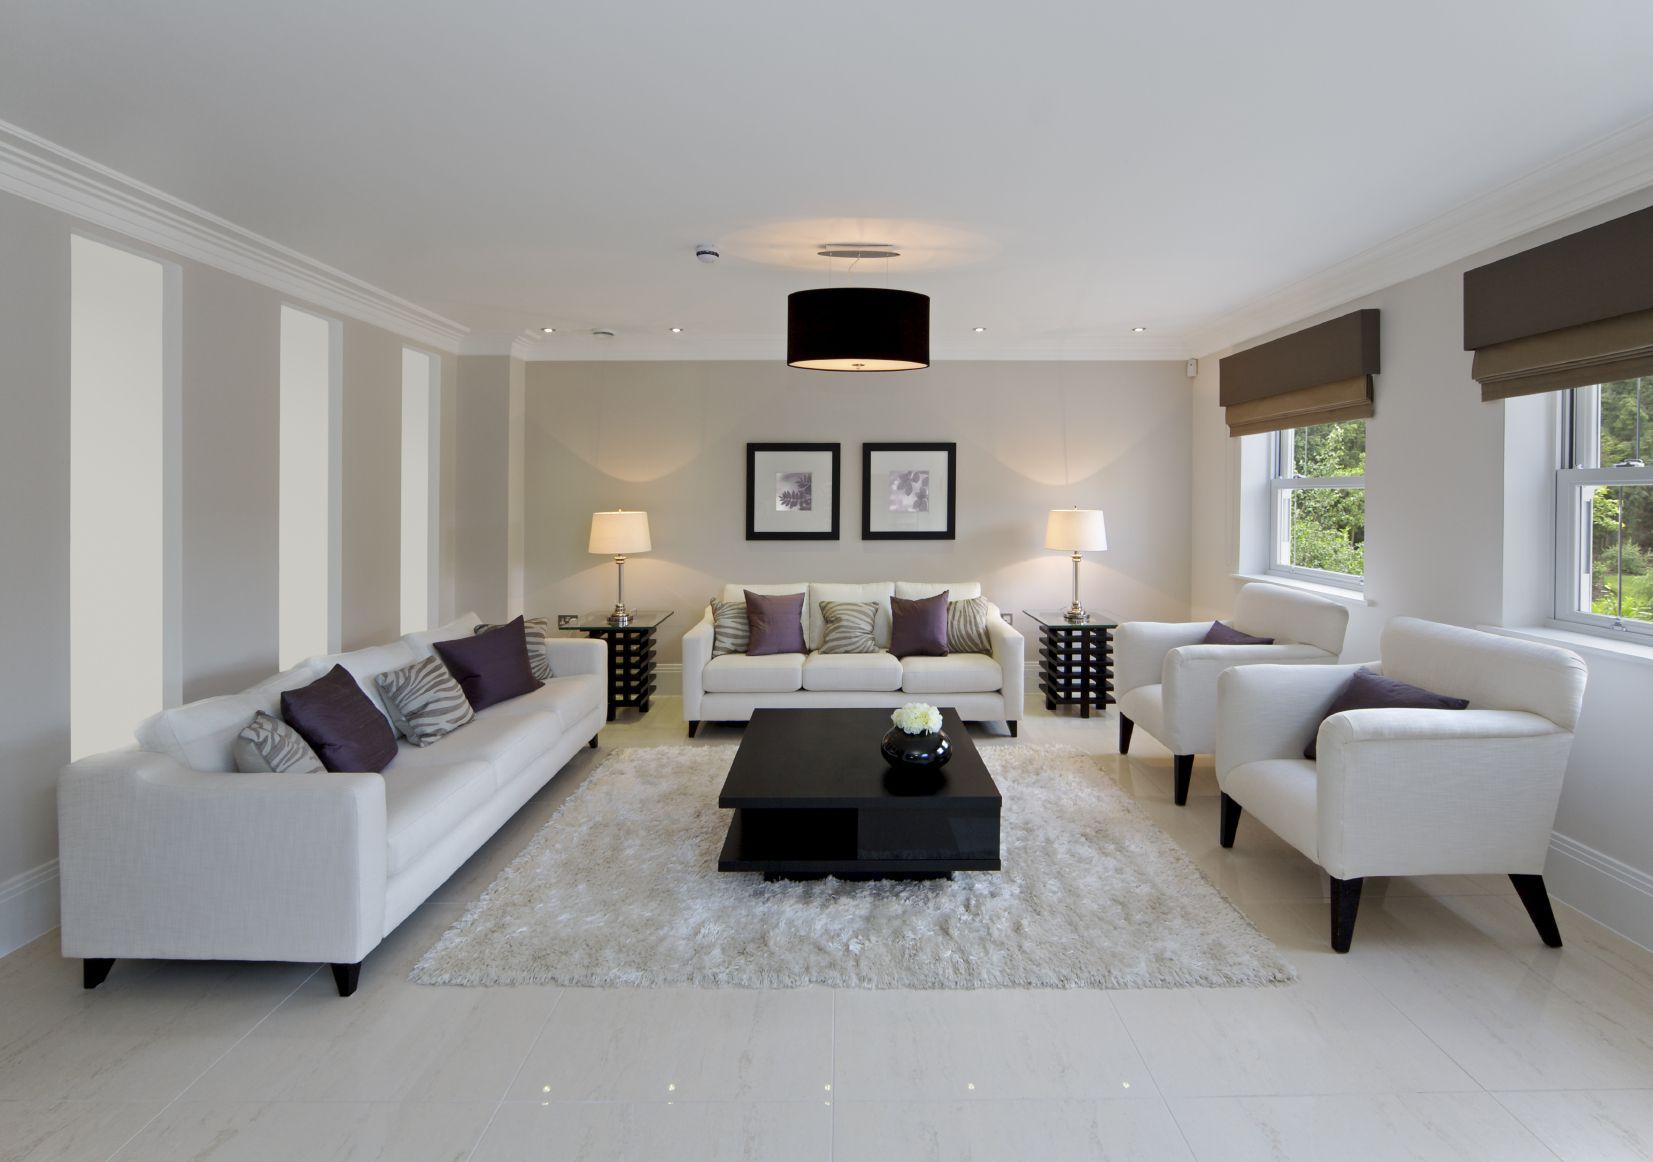 10 Stylish Modern Living Room Ideas Photos   Decoração sala ...